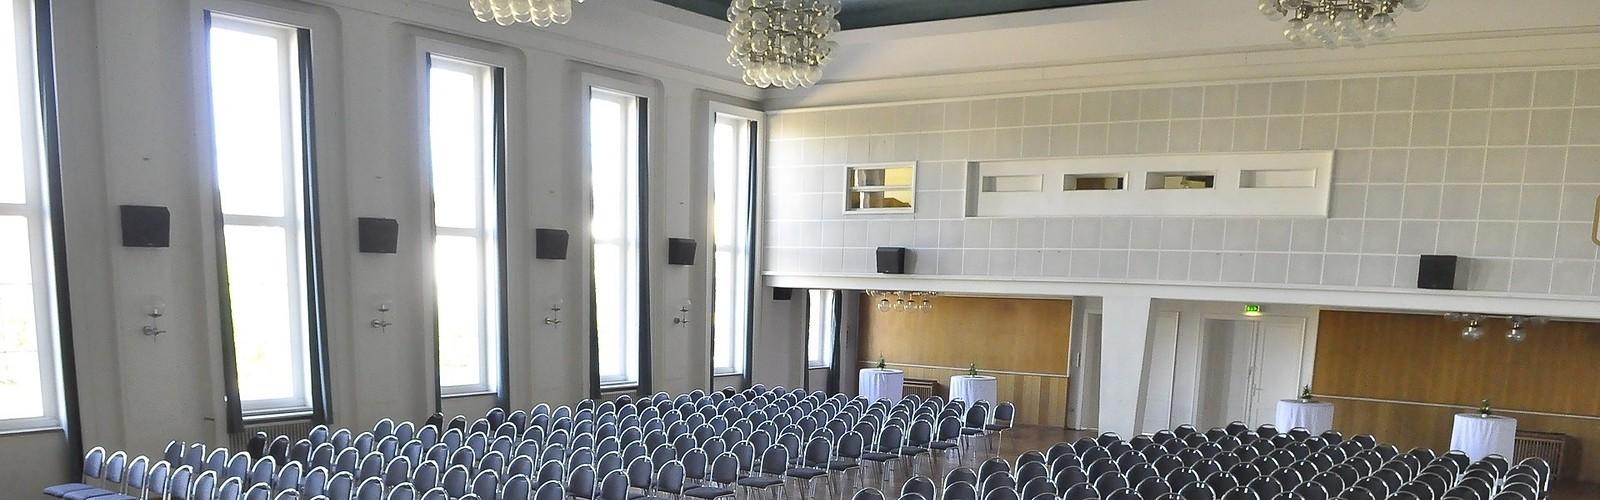 Saal, Foto: Kulturhaus Pritzwalk